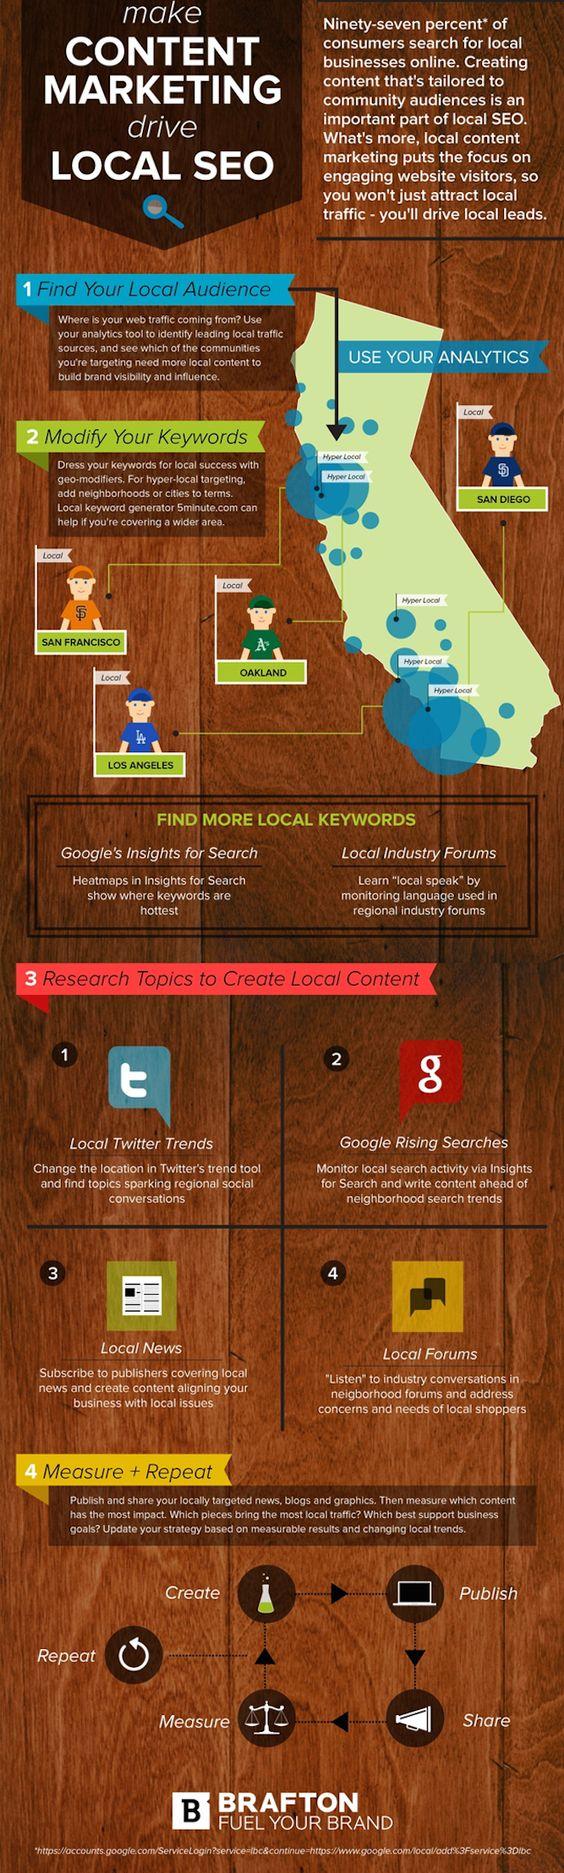 Cómo hacer que el Marketing de Contenidos mejore tu #SEO Local #infografia #infographic